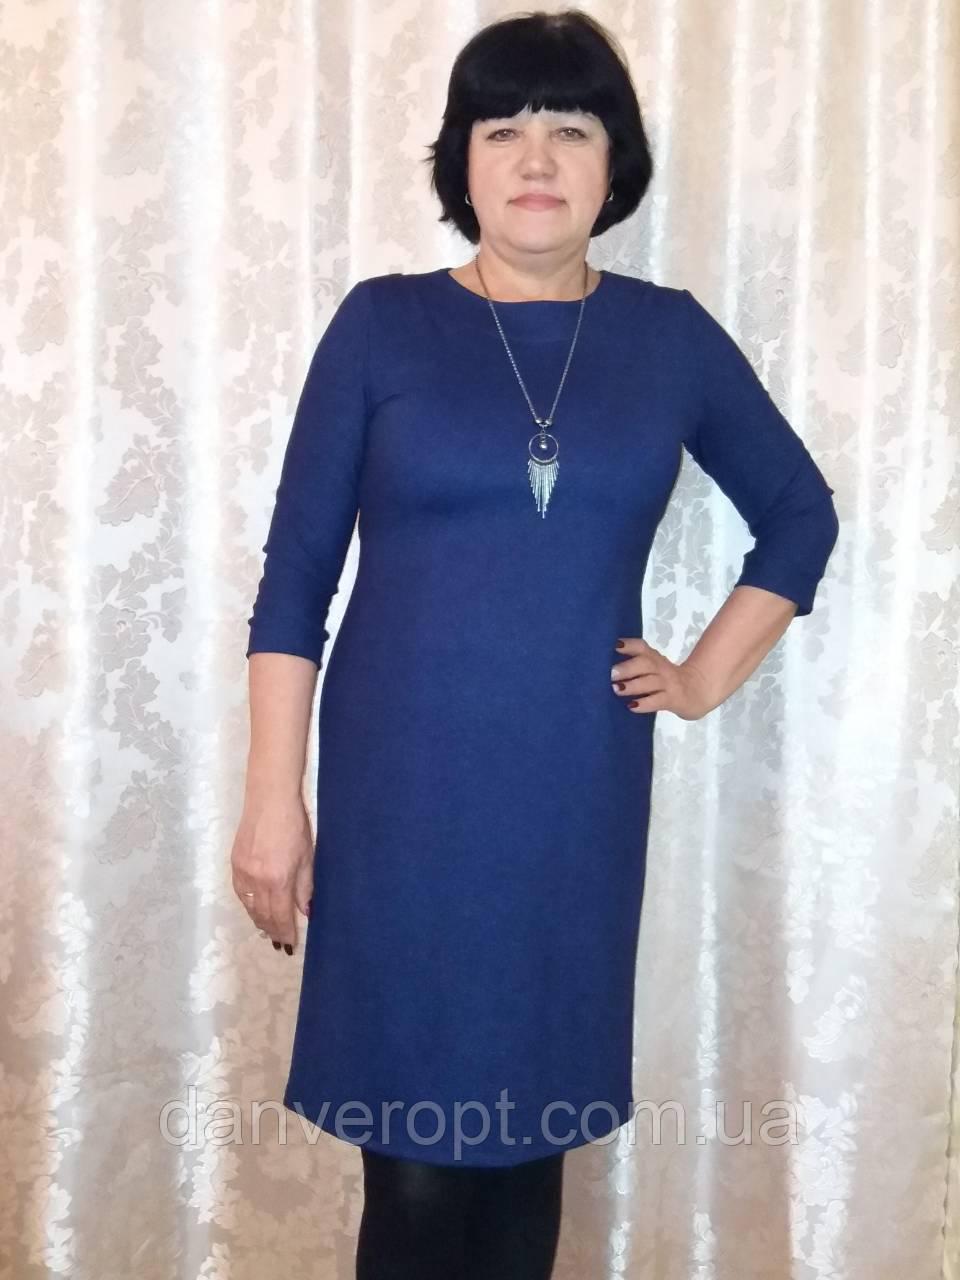 ceb9c9300fed Платье женское стильное модное размер 48-54, купить оптом со склада 7км  Одесса -